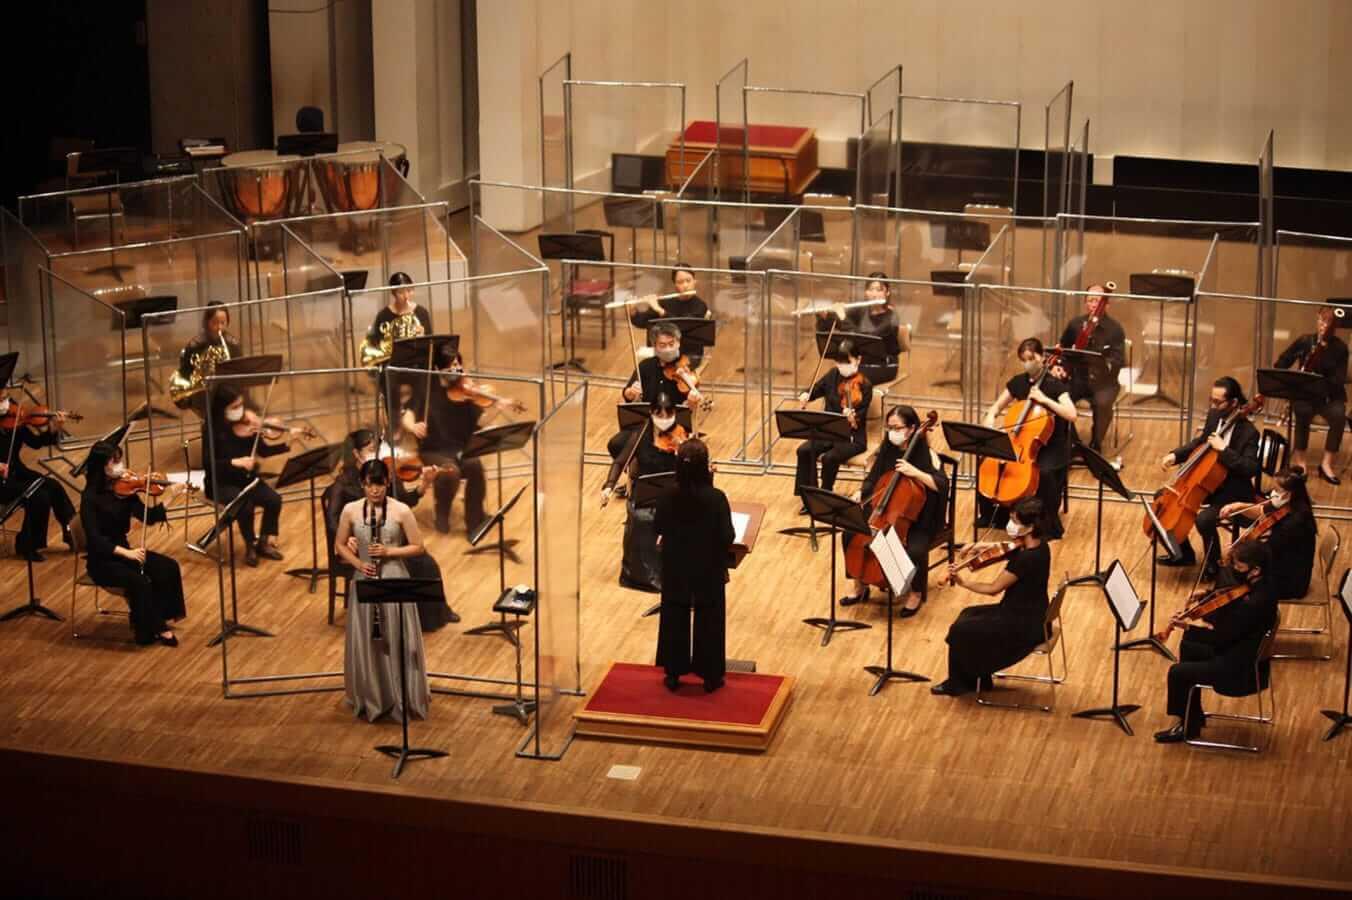 [写真]学内演奏会 ―大学院生によるコンチェルト―演奏風景11